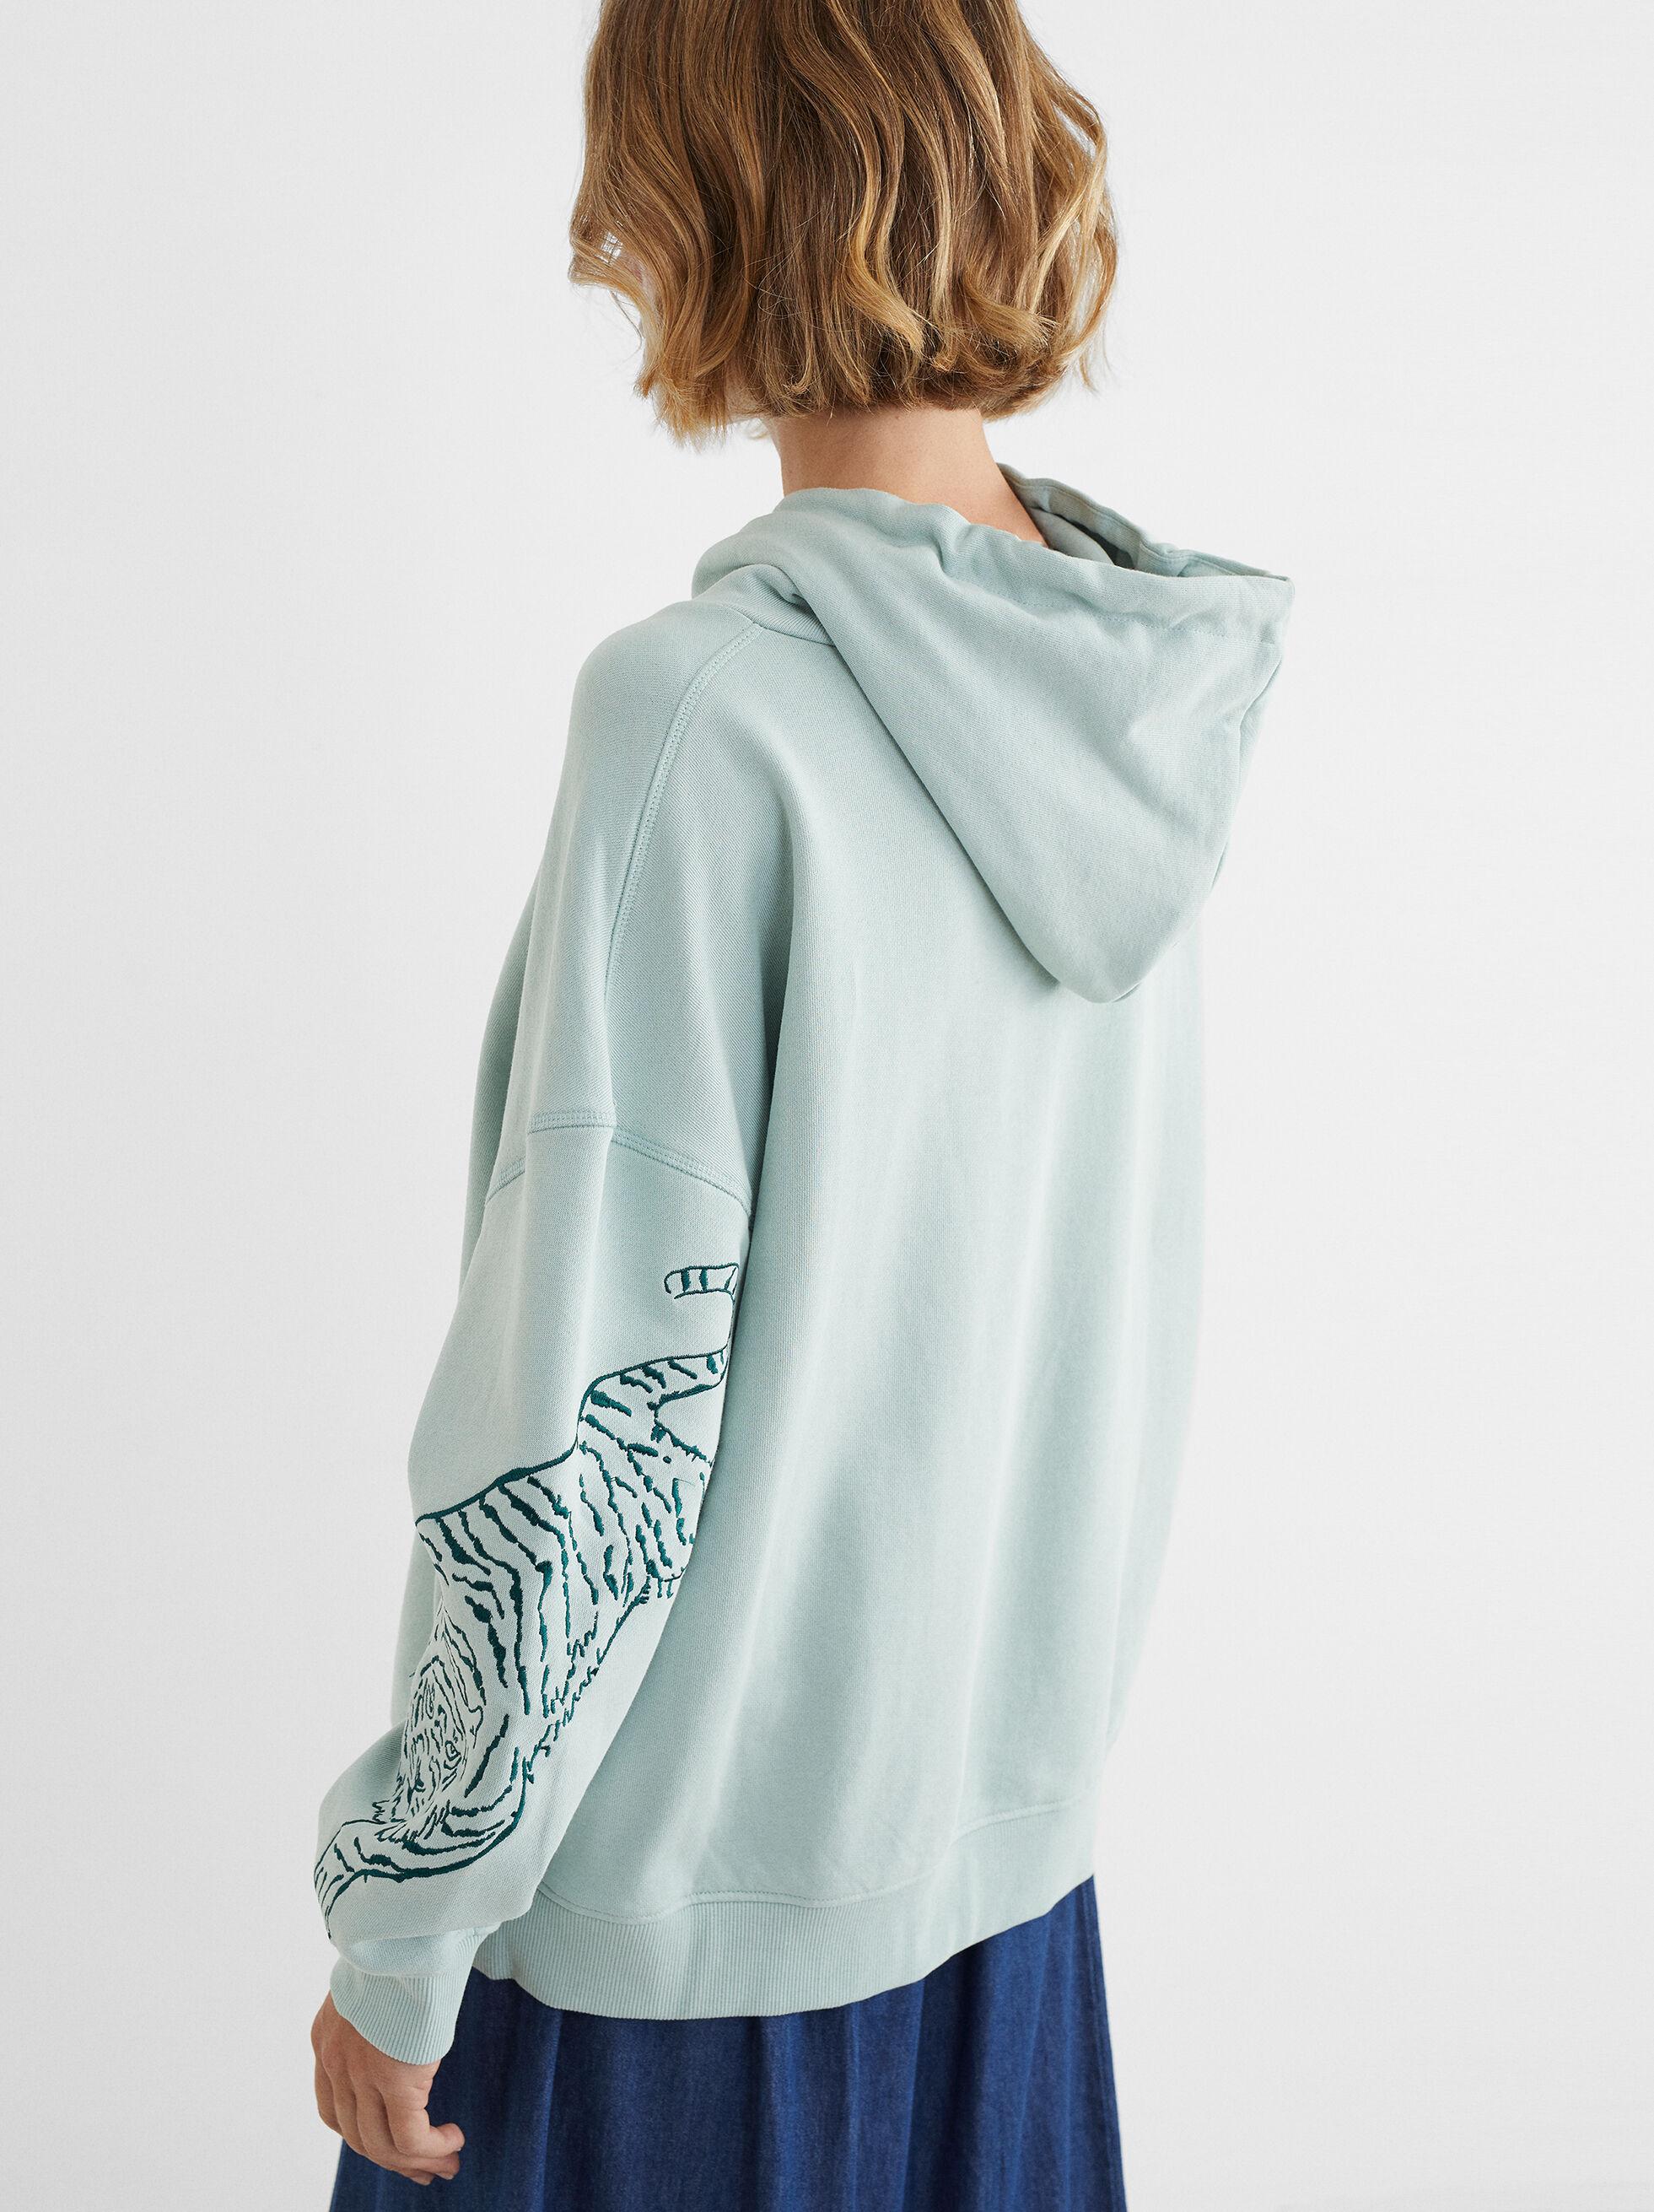 Sweatshirt De Estampado Animal Com Capuz, Cinzento, hi-res